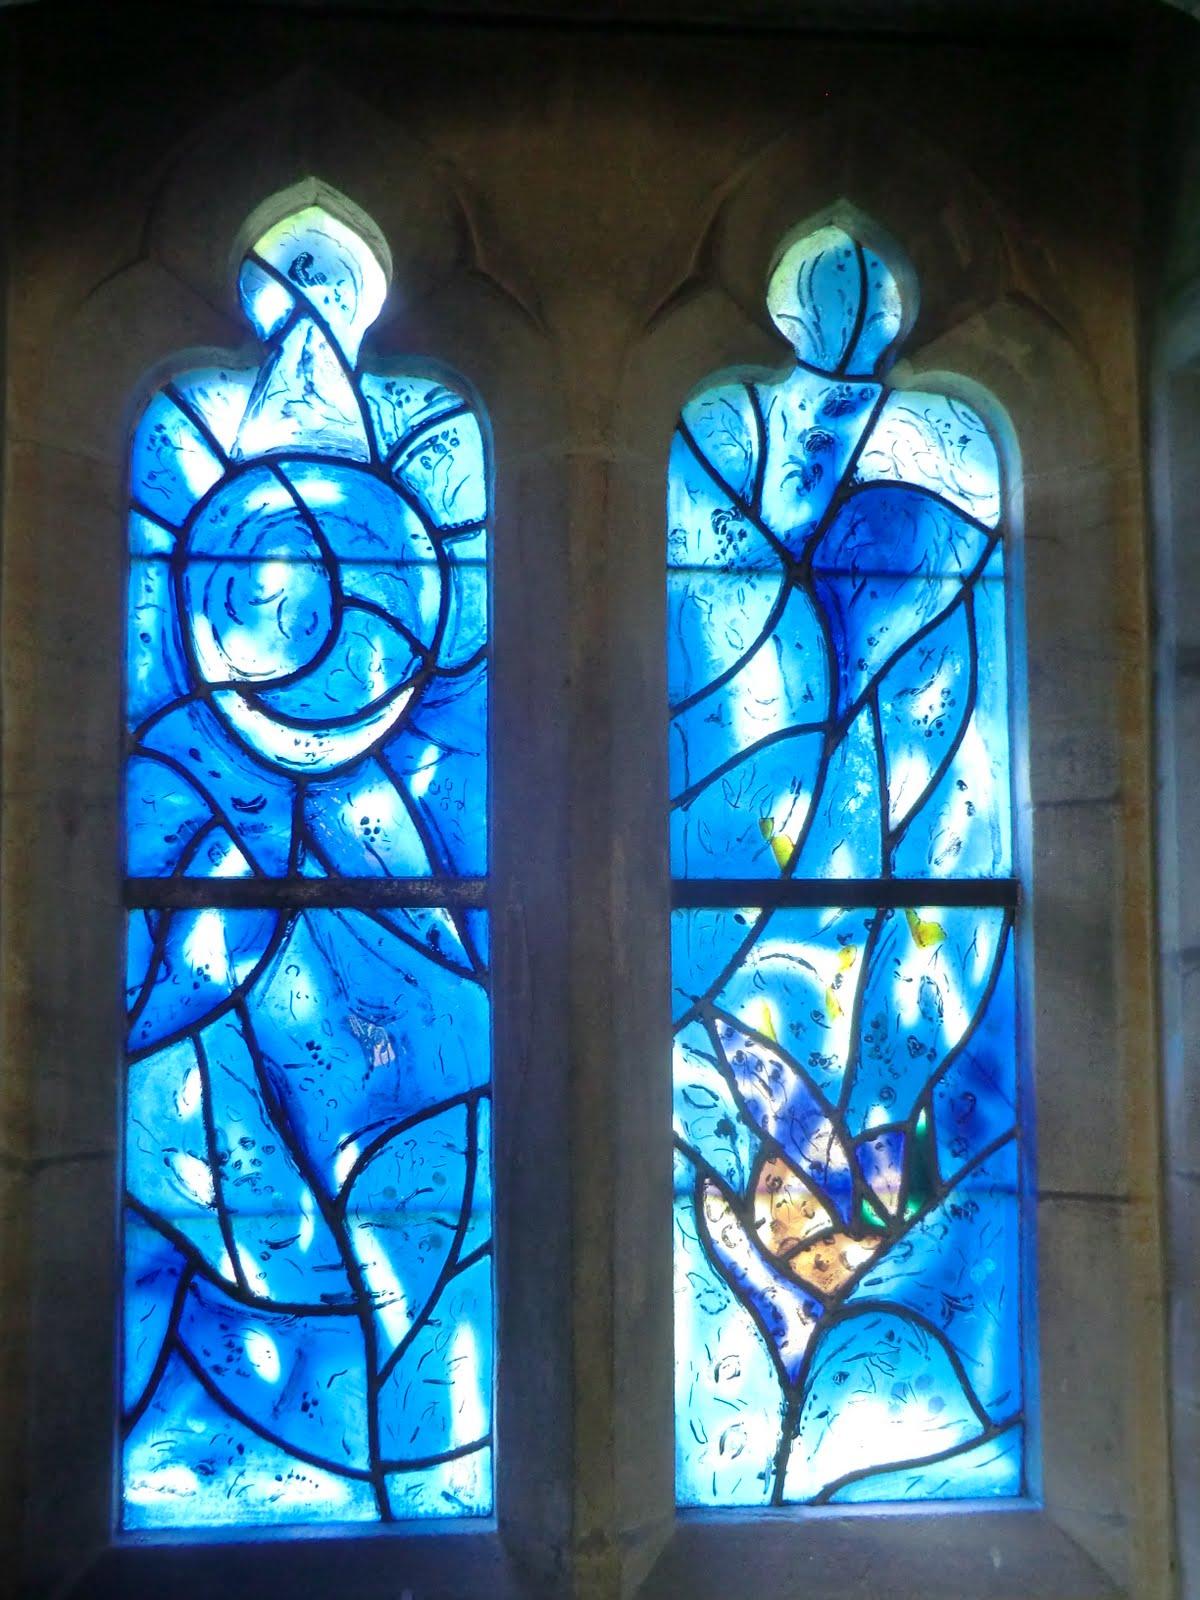 CIMG1560 Chagall window #2, All Saints church